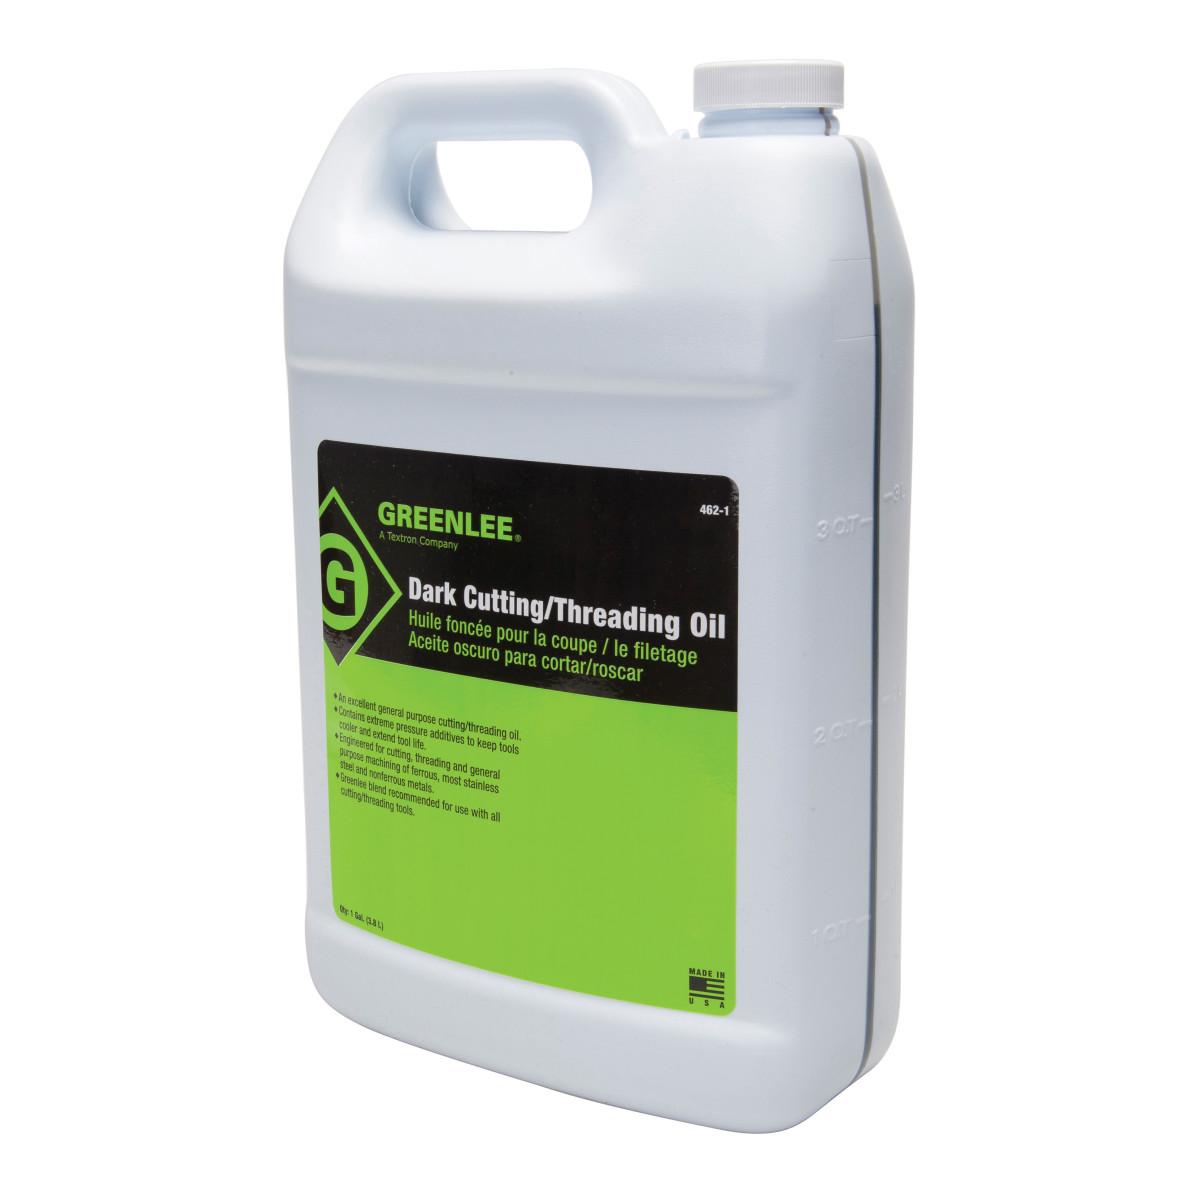 GRN 462-1 1-Gal Dark Cutting / Threading Oil